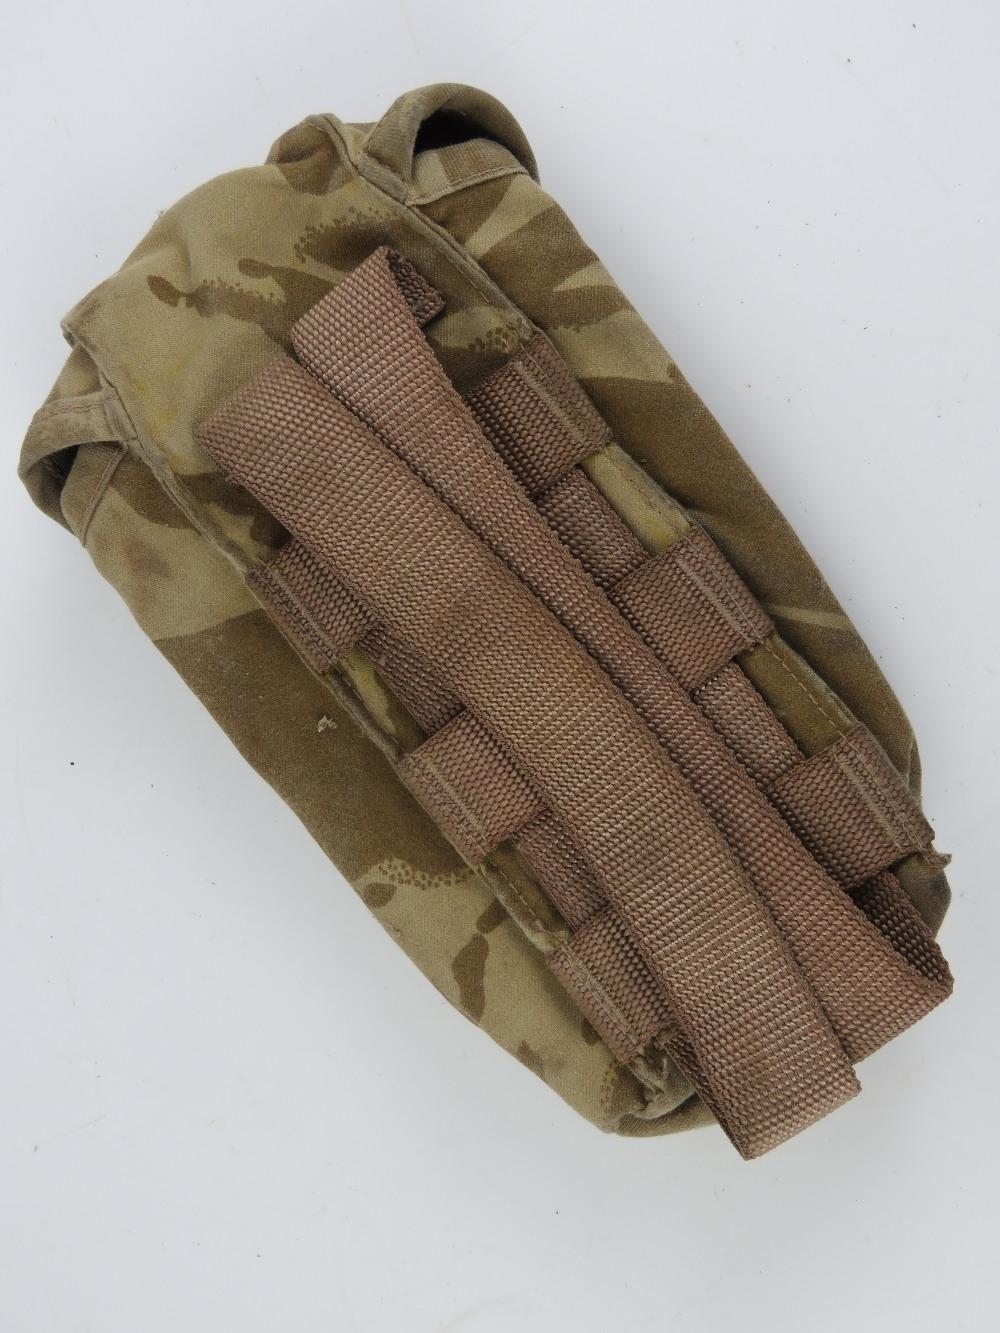 A desert camouflage magazine pocket. - Image 3 of 5